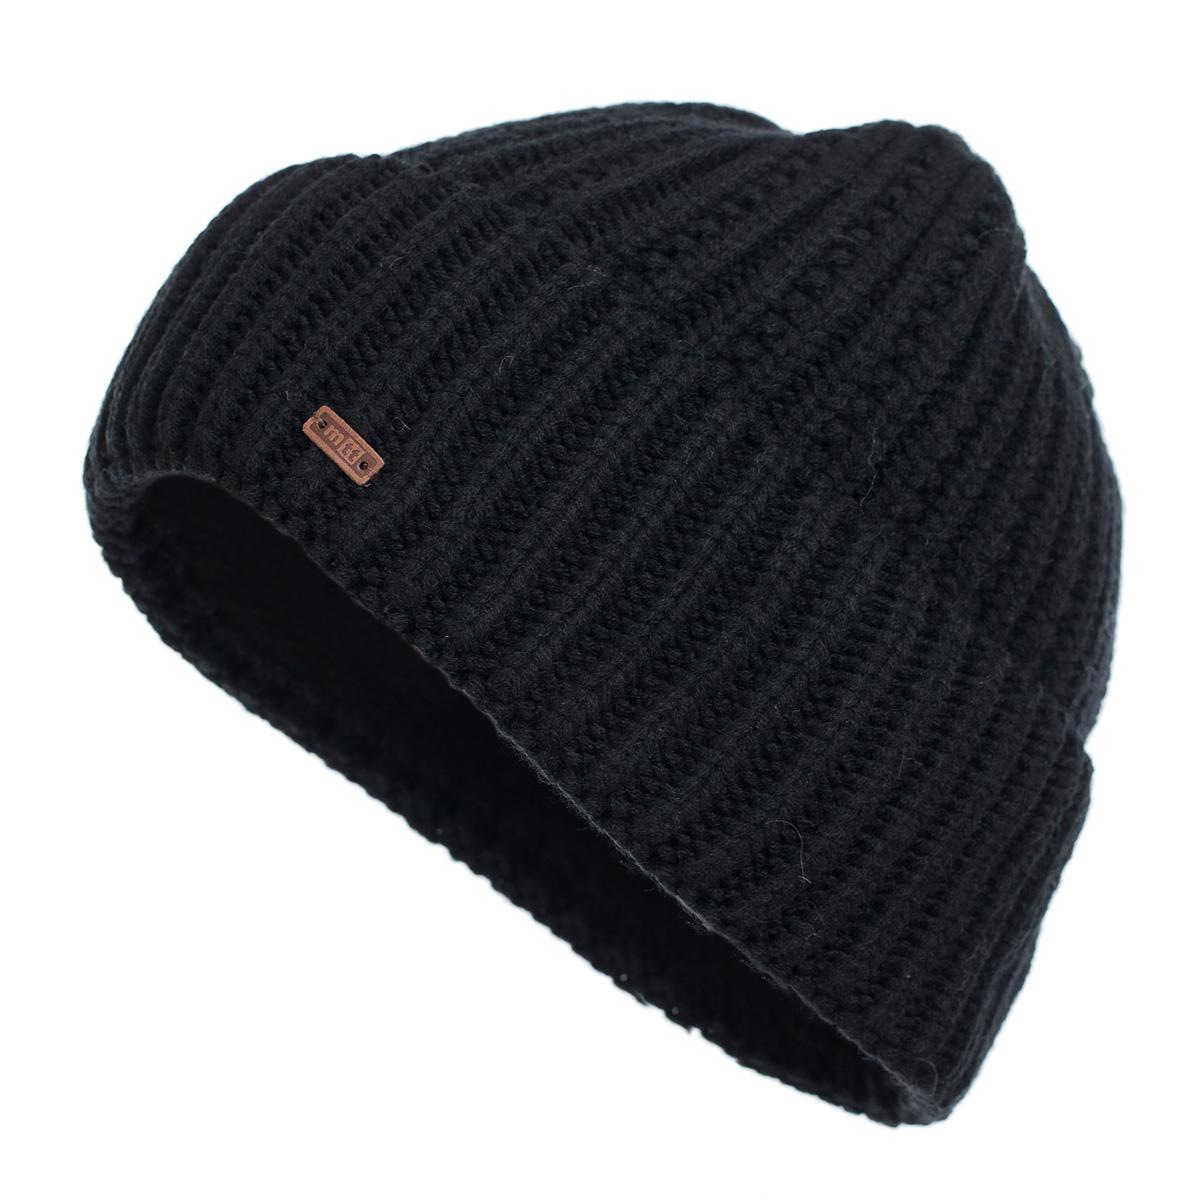 Шапка Marhatter, 9913/2 шапка мужская marhatter цвет серый размер 57 59 mmh6469 2